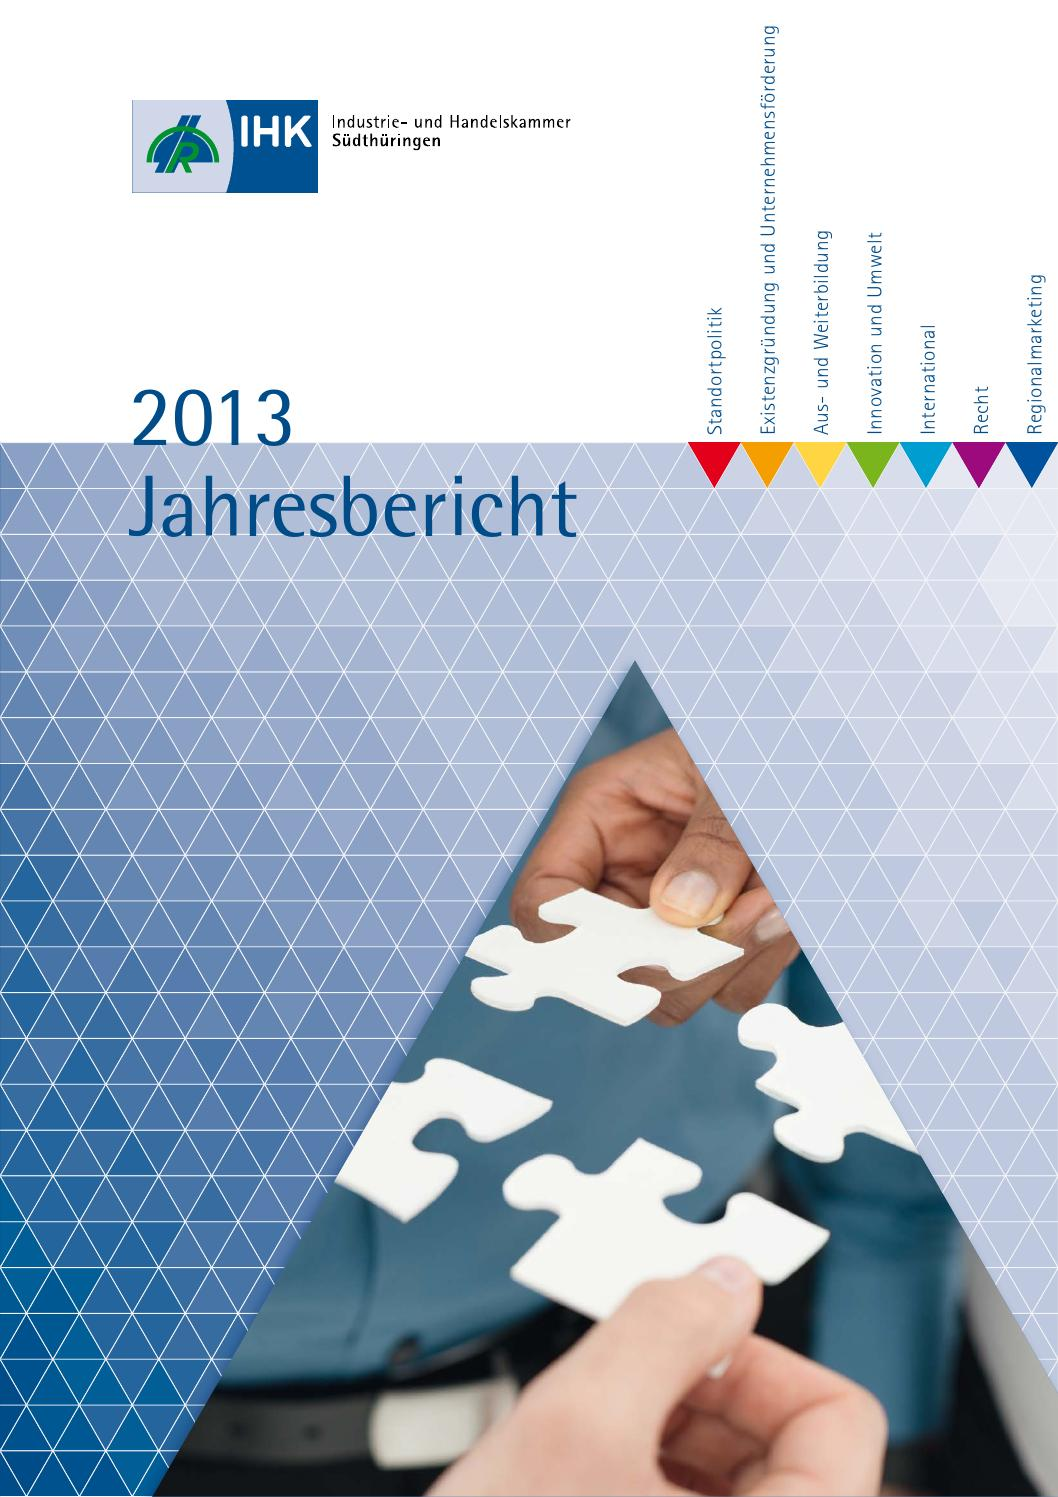 Jahresbericht 2013 by IHK Südthüringen - issuu